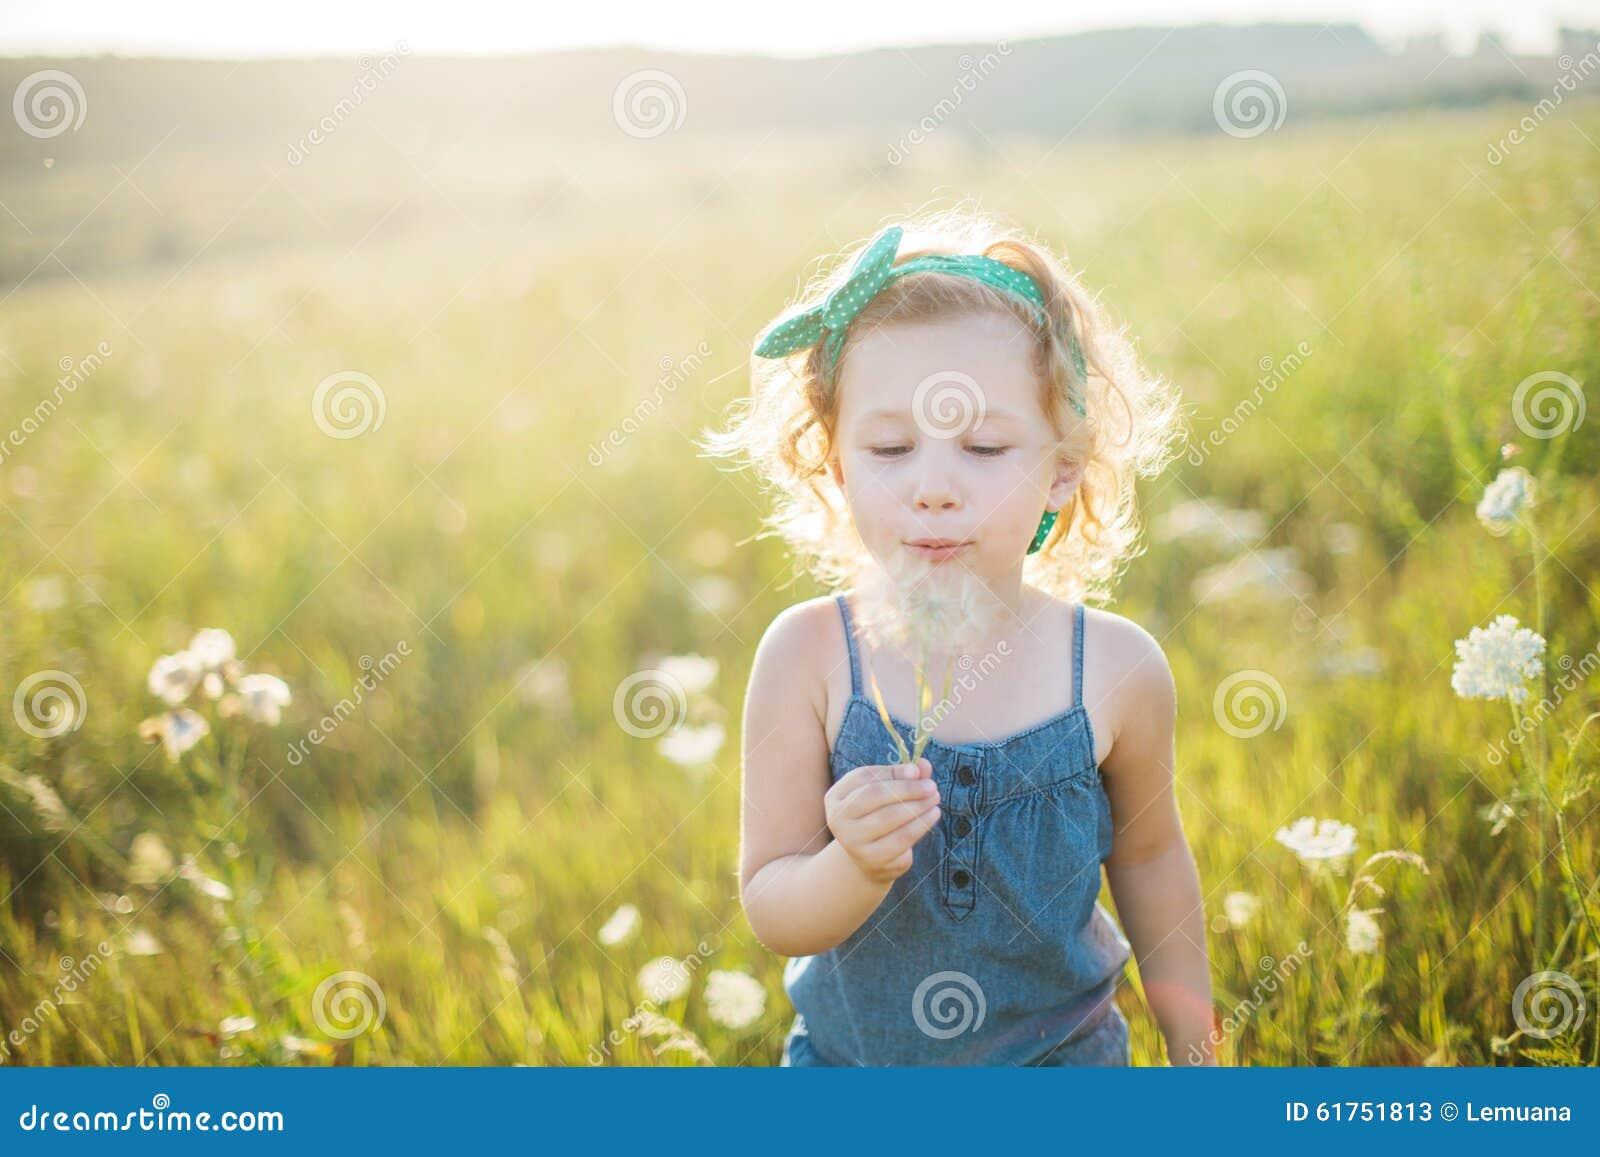 走在领域的一个小女孩的画象在夏天.图片